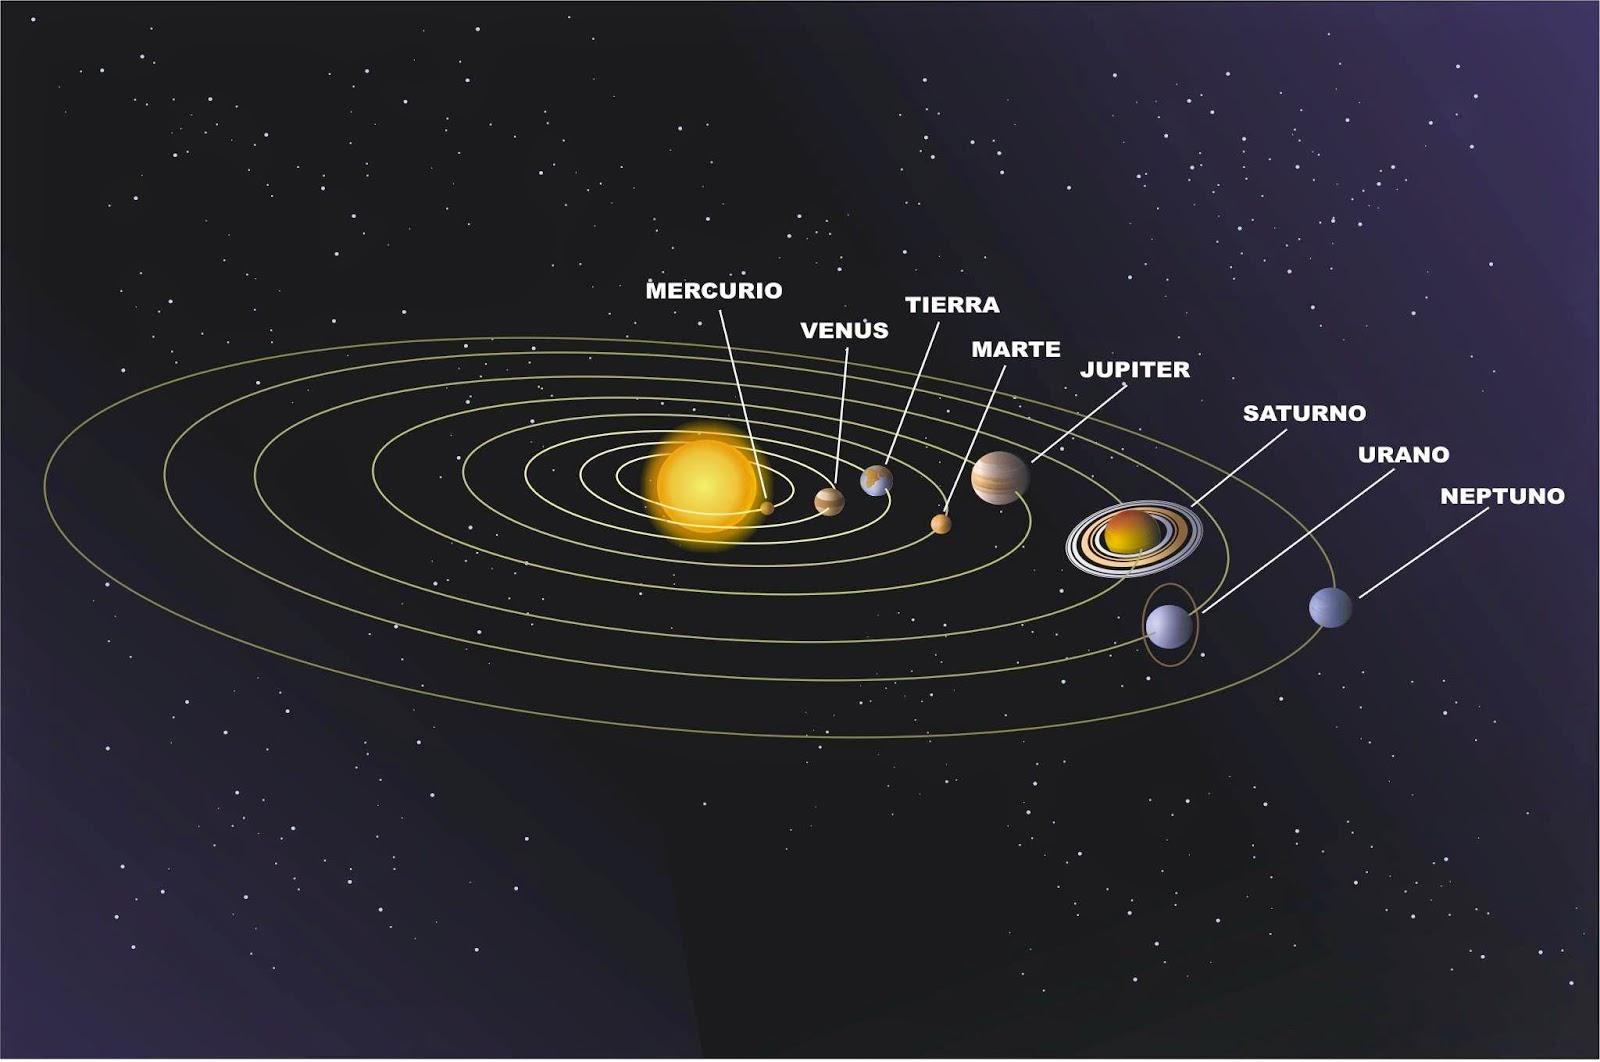 teorías de morin sobre los tránsitos, tránsitos planetarios en la carta natal, tránsitos carta natal de venezuela, teorías conspirativas astrología